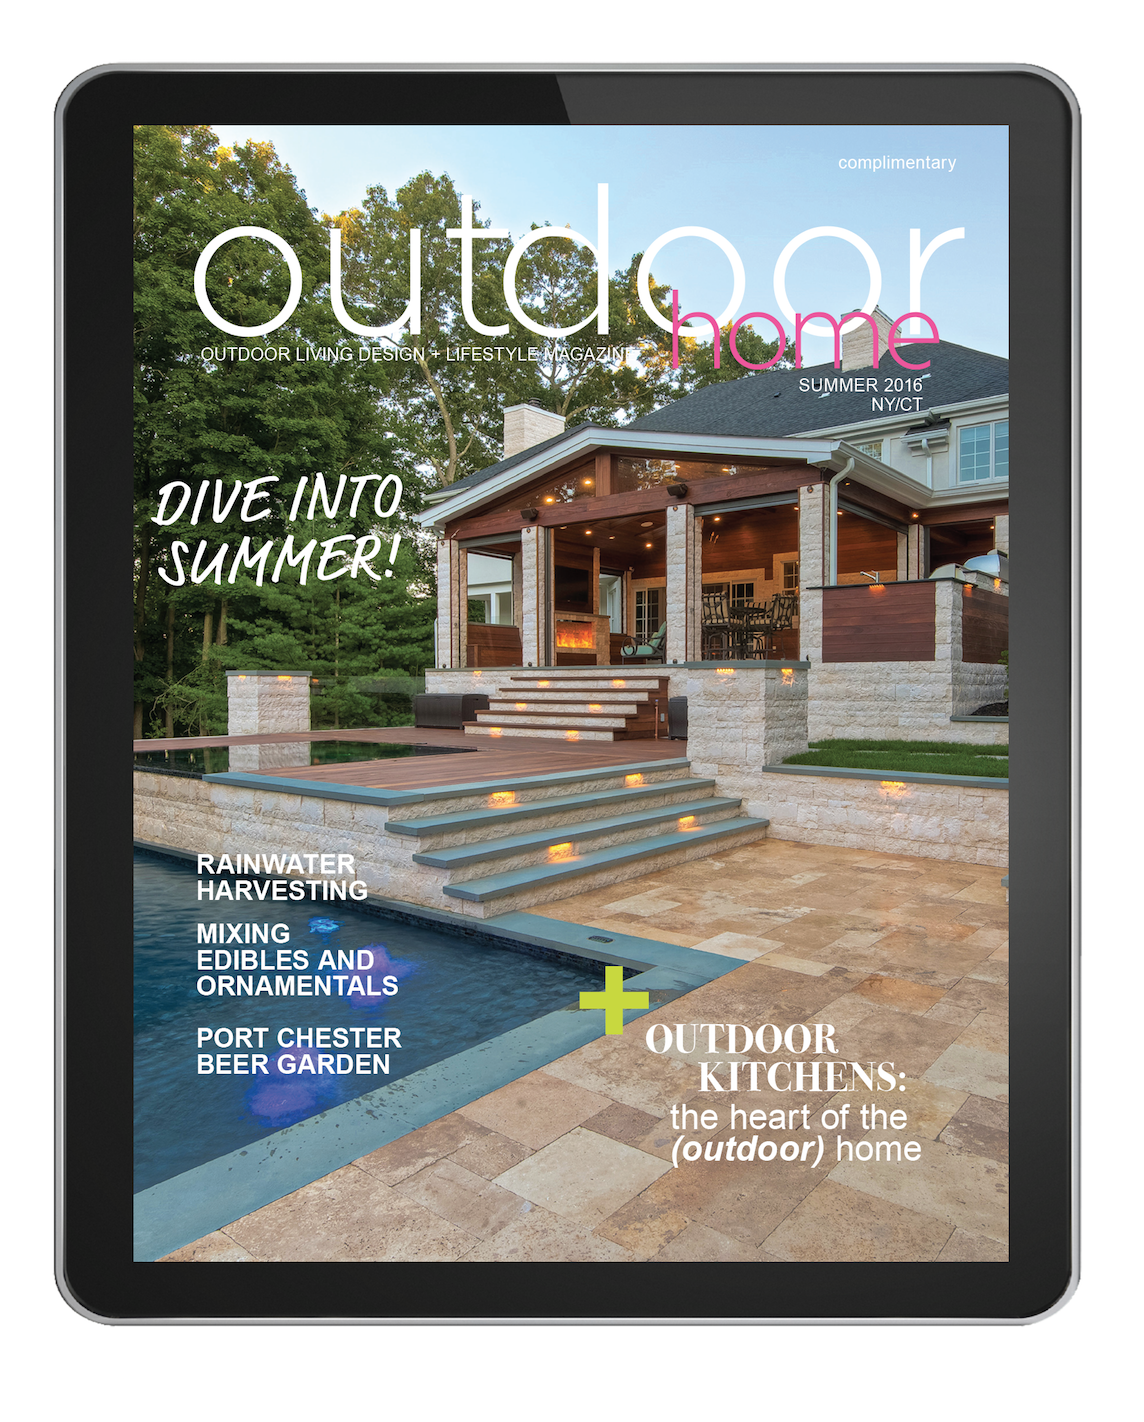 outdoor home magazine sUMMER 2016 issue for westchester, putnam, dutchess, orange, fairfield, & litchfield counties